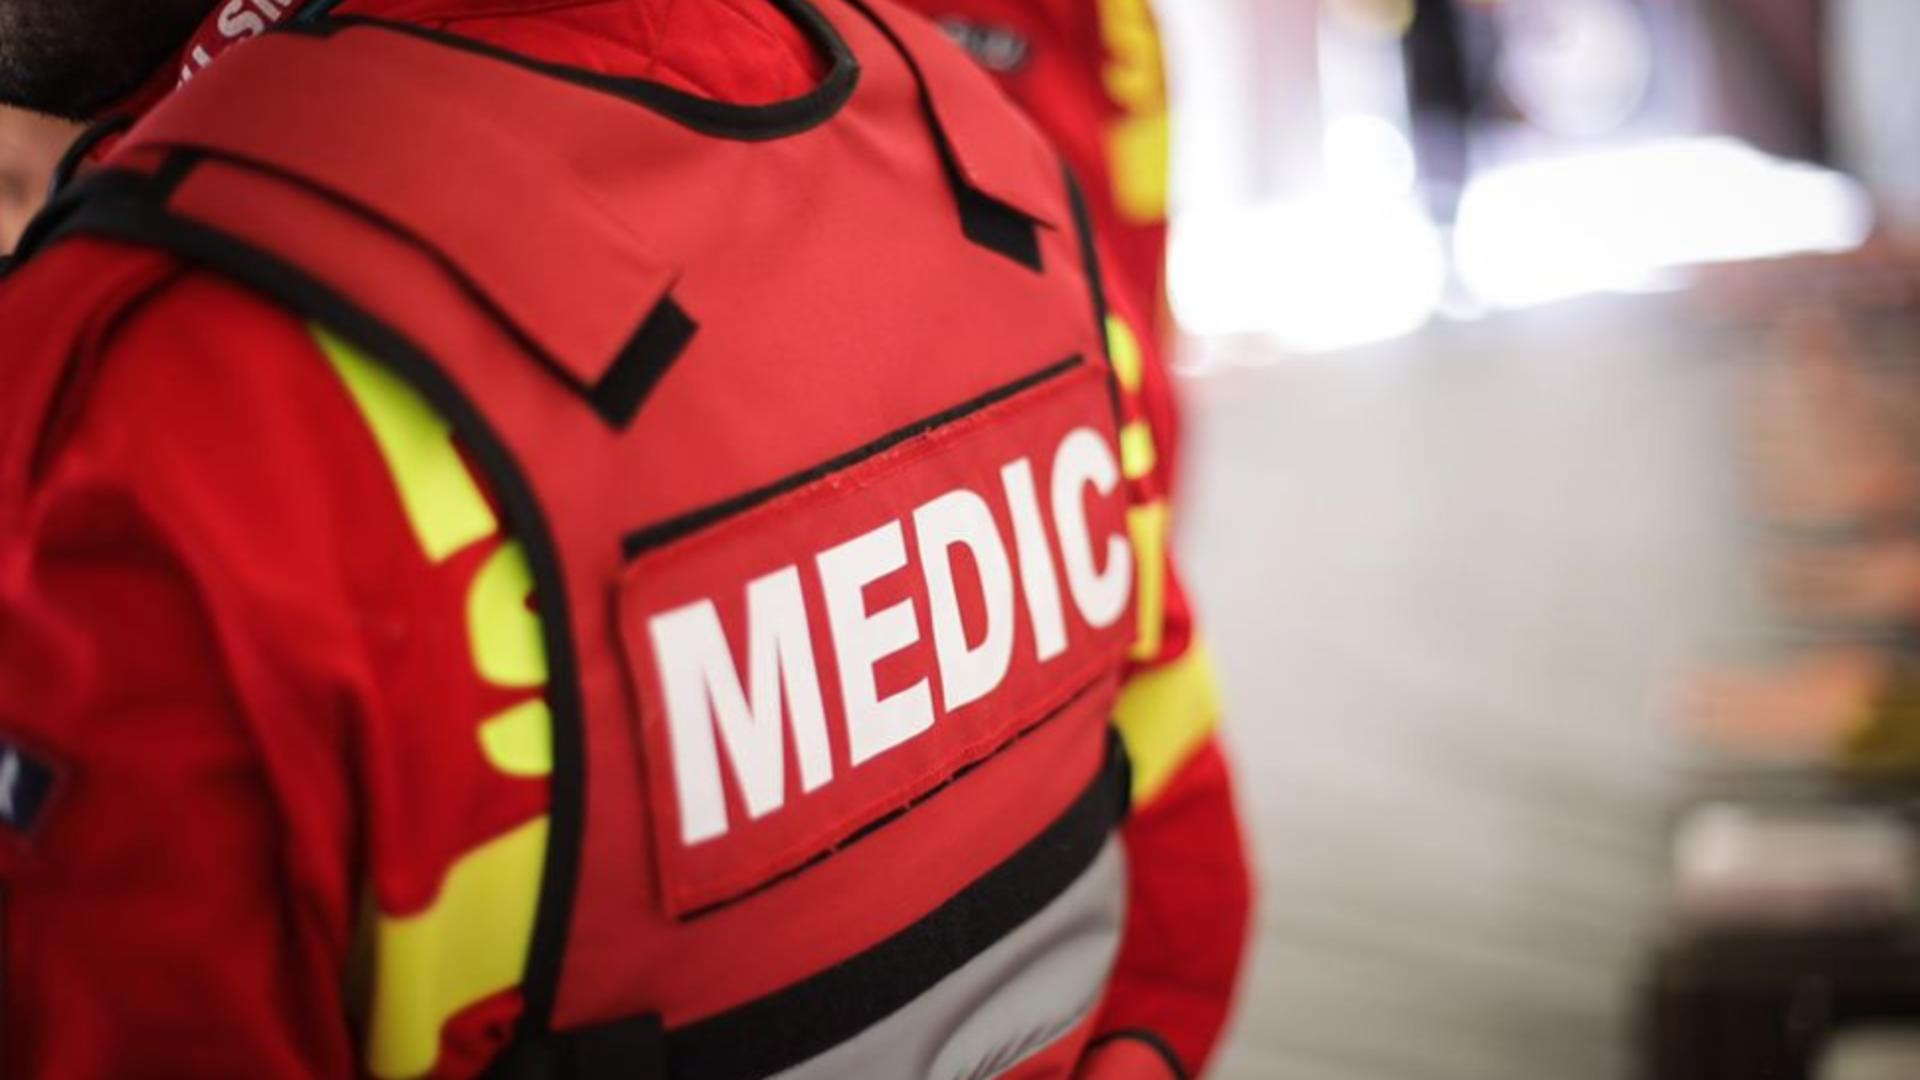 Zeci de persoane au fost rănite şi au ajuns la spital